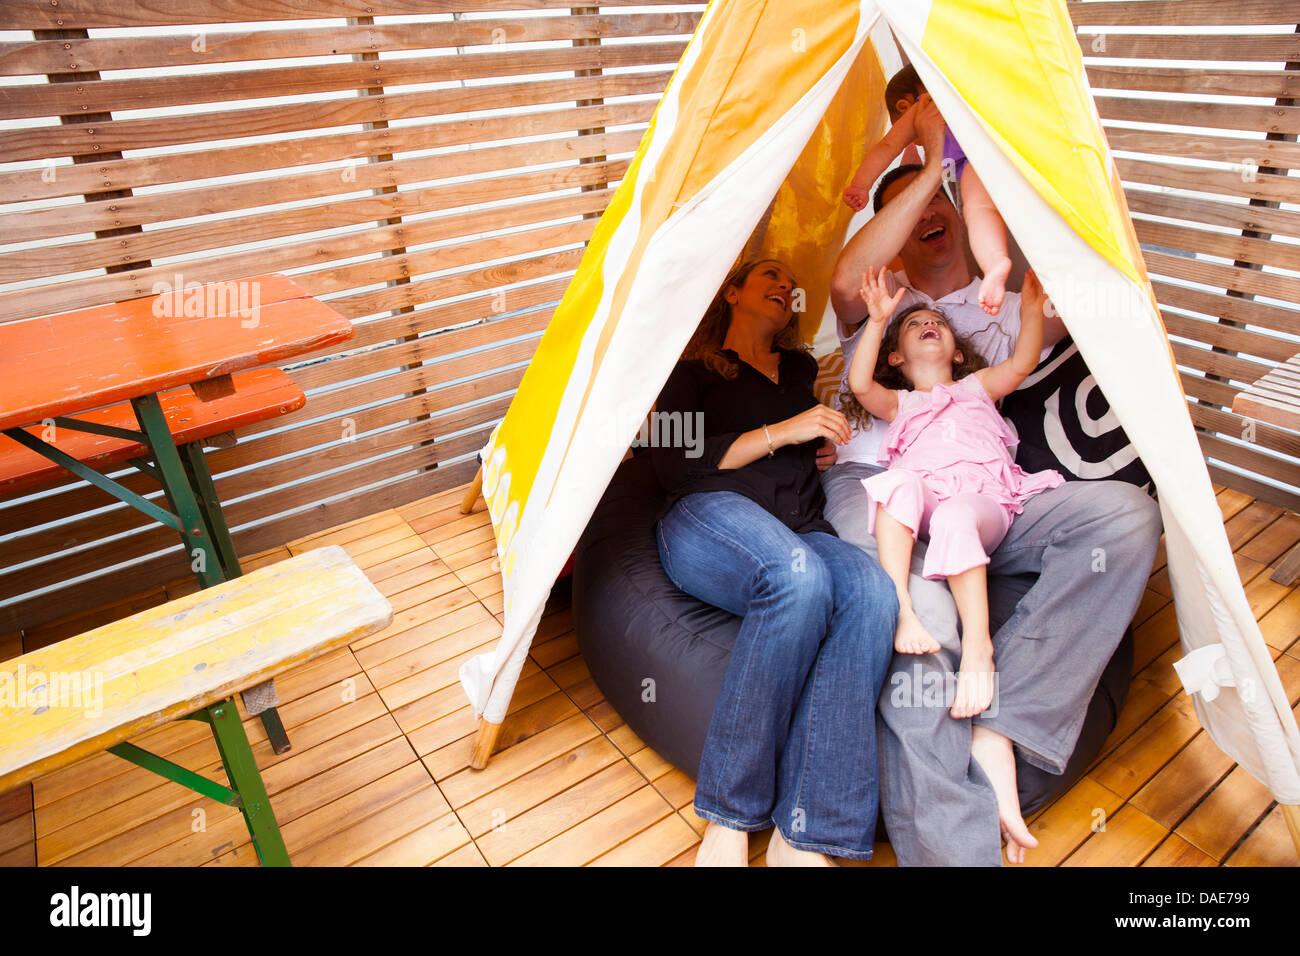 Famiglia giocando in tenda Immagini Stock